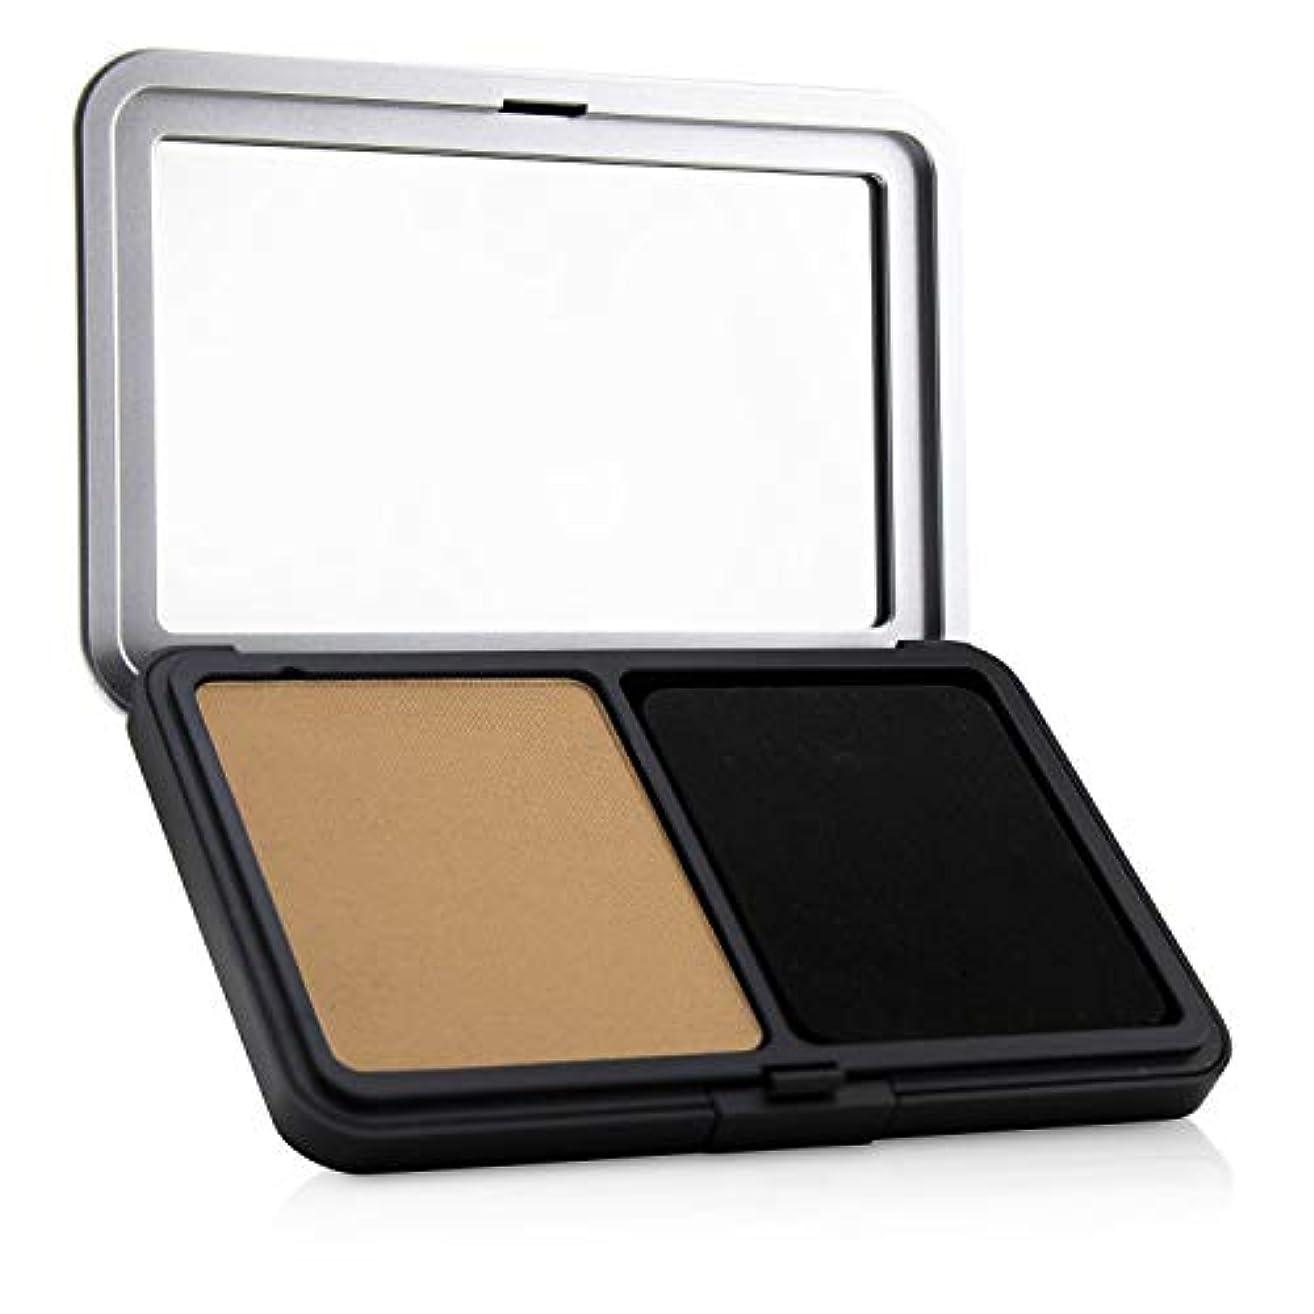 ワイド想起ほうきメイクアップフォーエバー Matte Velvet Skin Blurring Powder Foundation - # R370 (Medium Beige) 11g/0.38oz並行輸入品